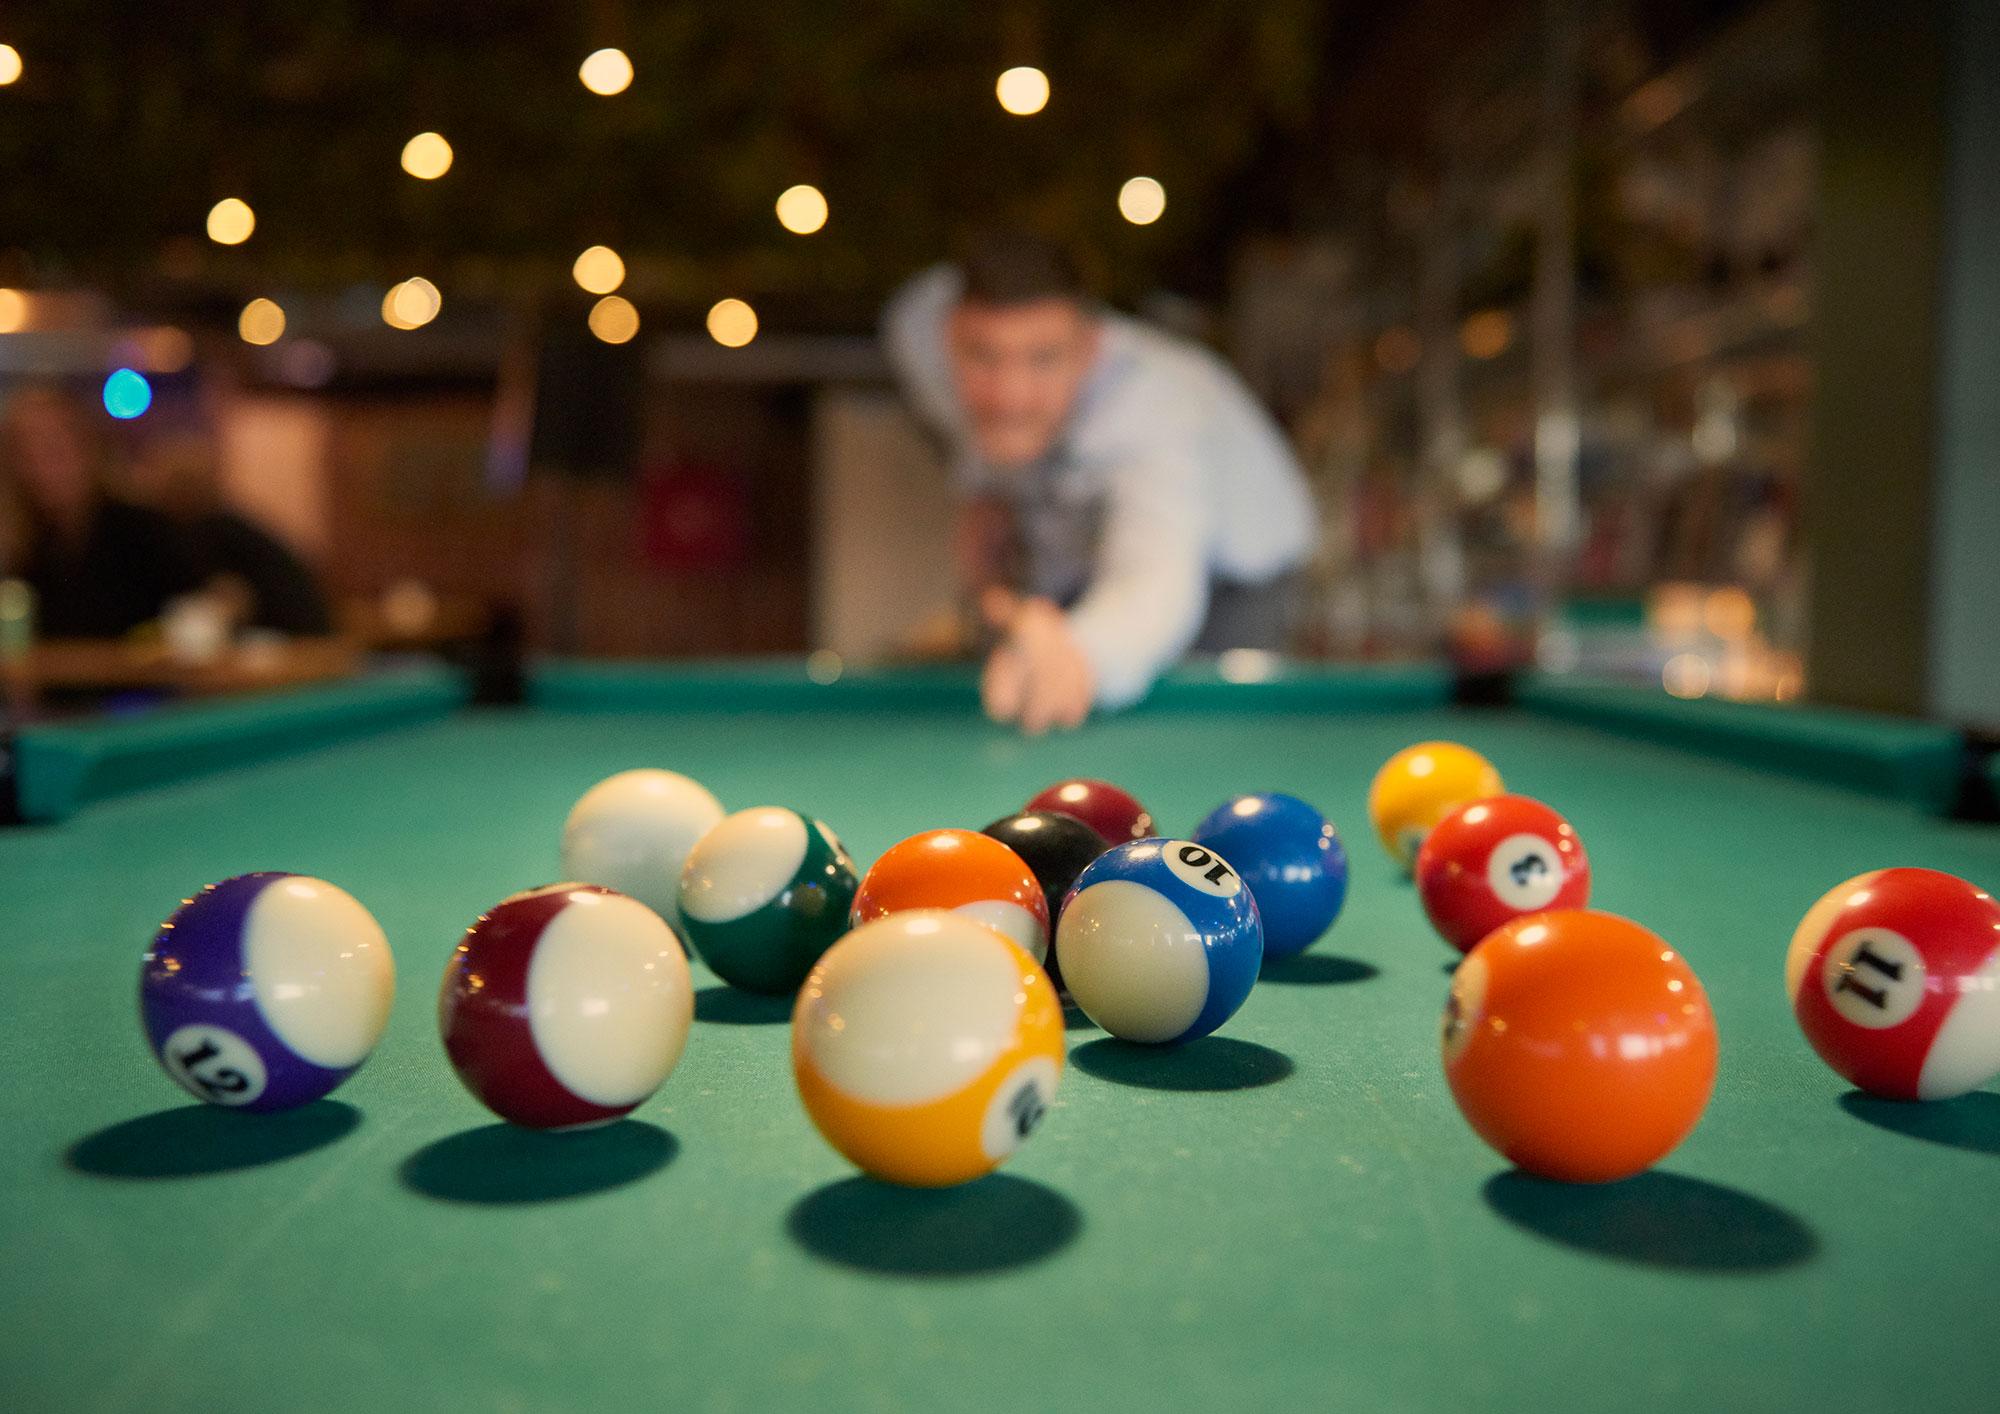 Urbancamper Hostel Play Pool In Lounge Area